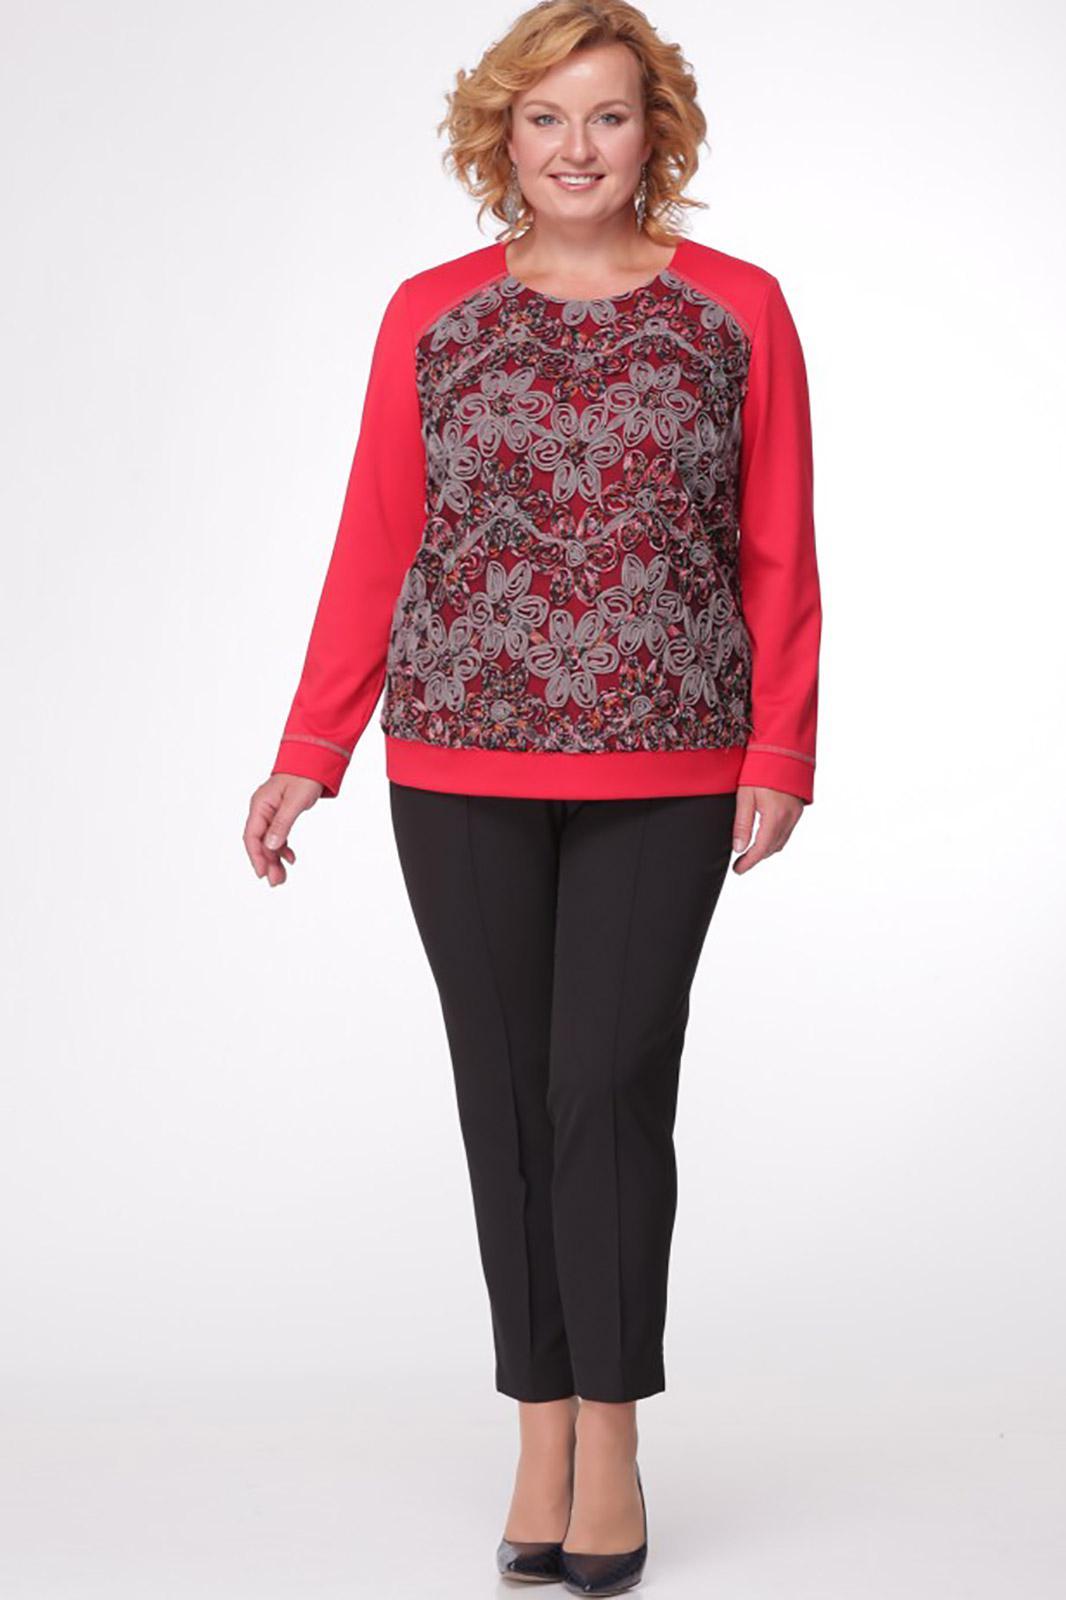 Купить недорогие блузки в интернет магазине